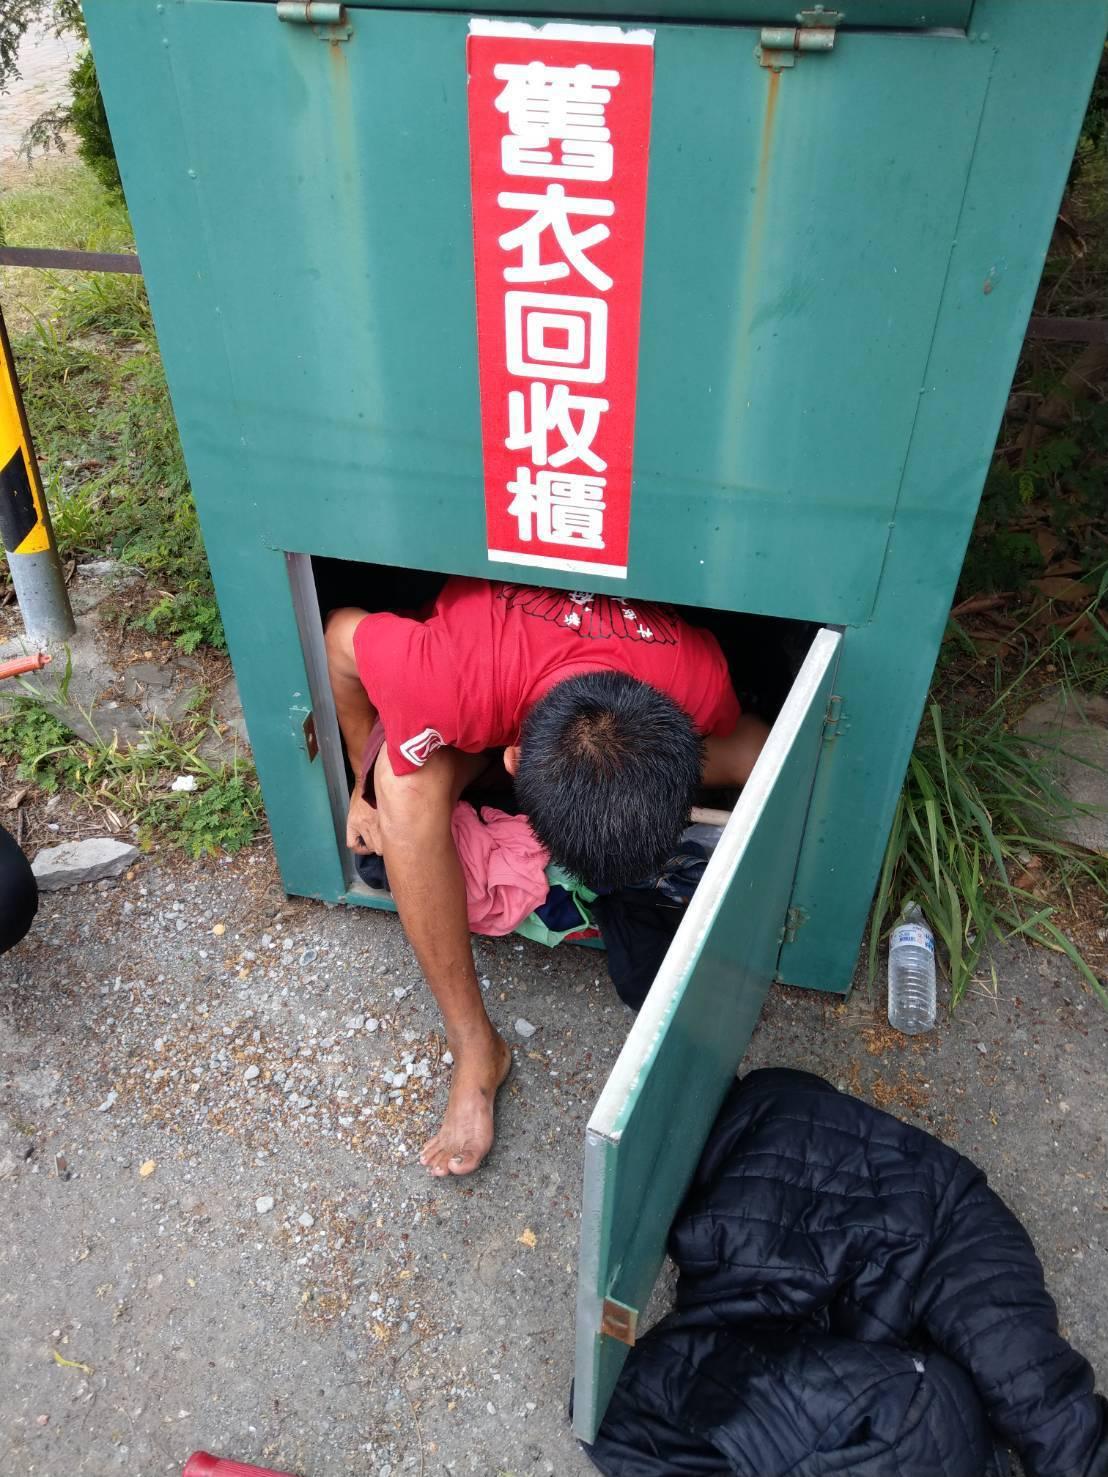 台南市張姓流浪漢不小心掉入舊衣回收桶,警消協助脫困。記者黃宣翰/翻攝